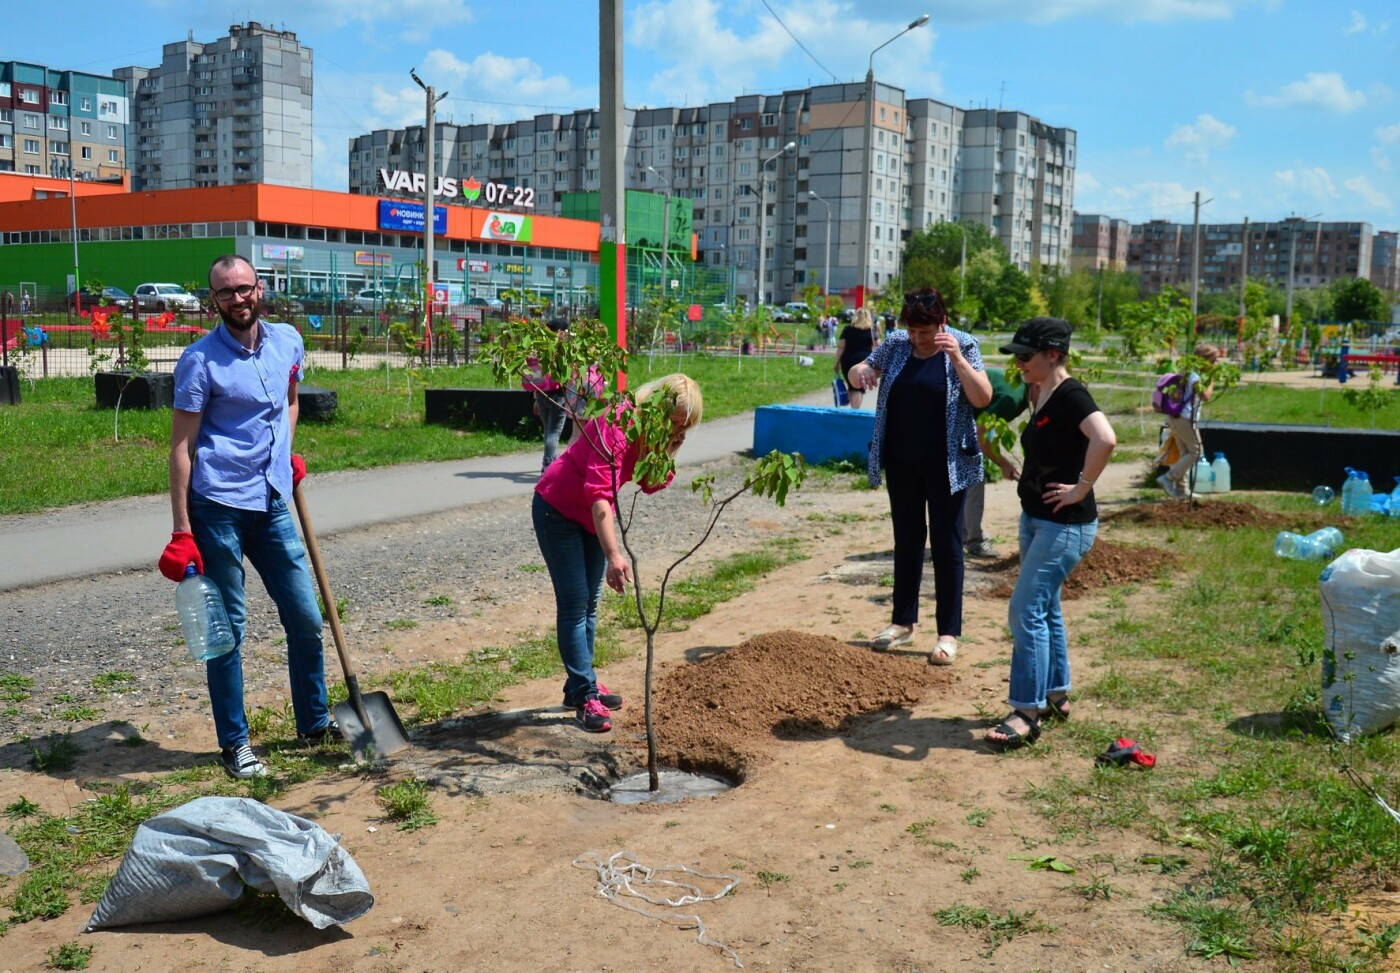 В Кривом Роге появился живой памятник людям, которые умерли из-за СПИДа, - ФОТО , фото-14